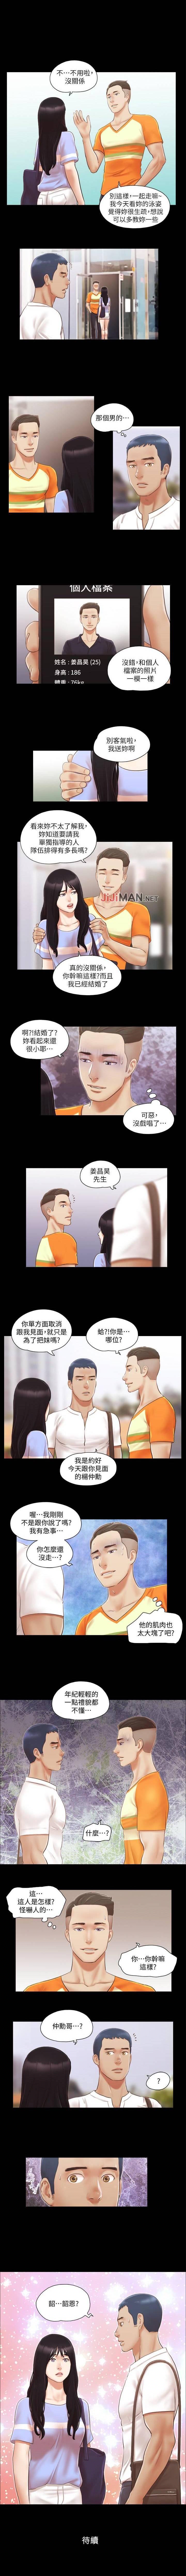 【周五连载】协议换爱(作者:遠德) 第1~62话 62